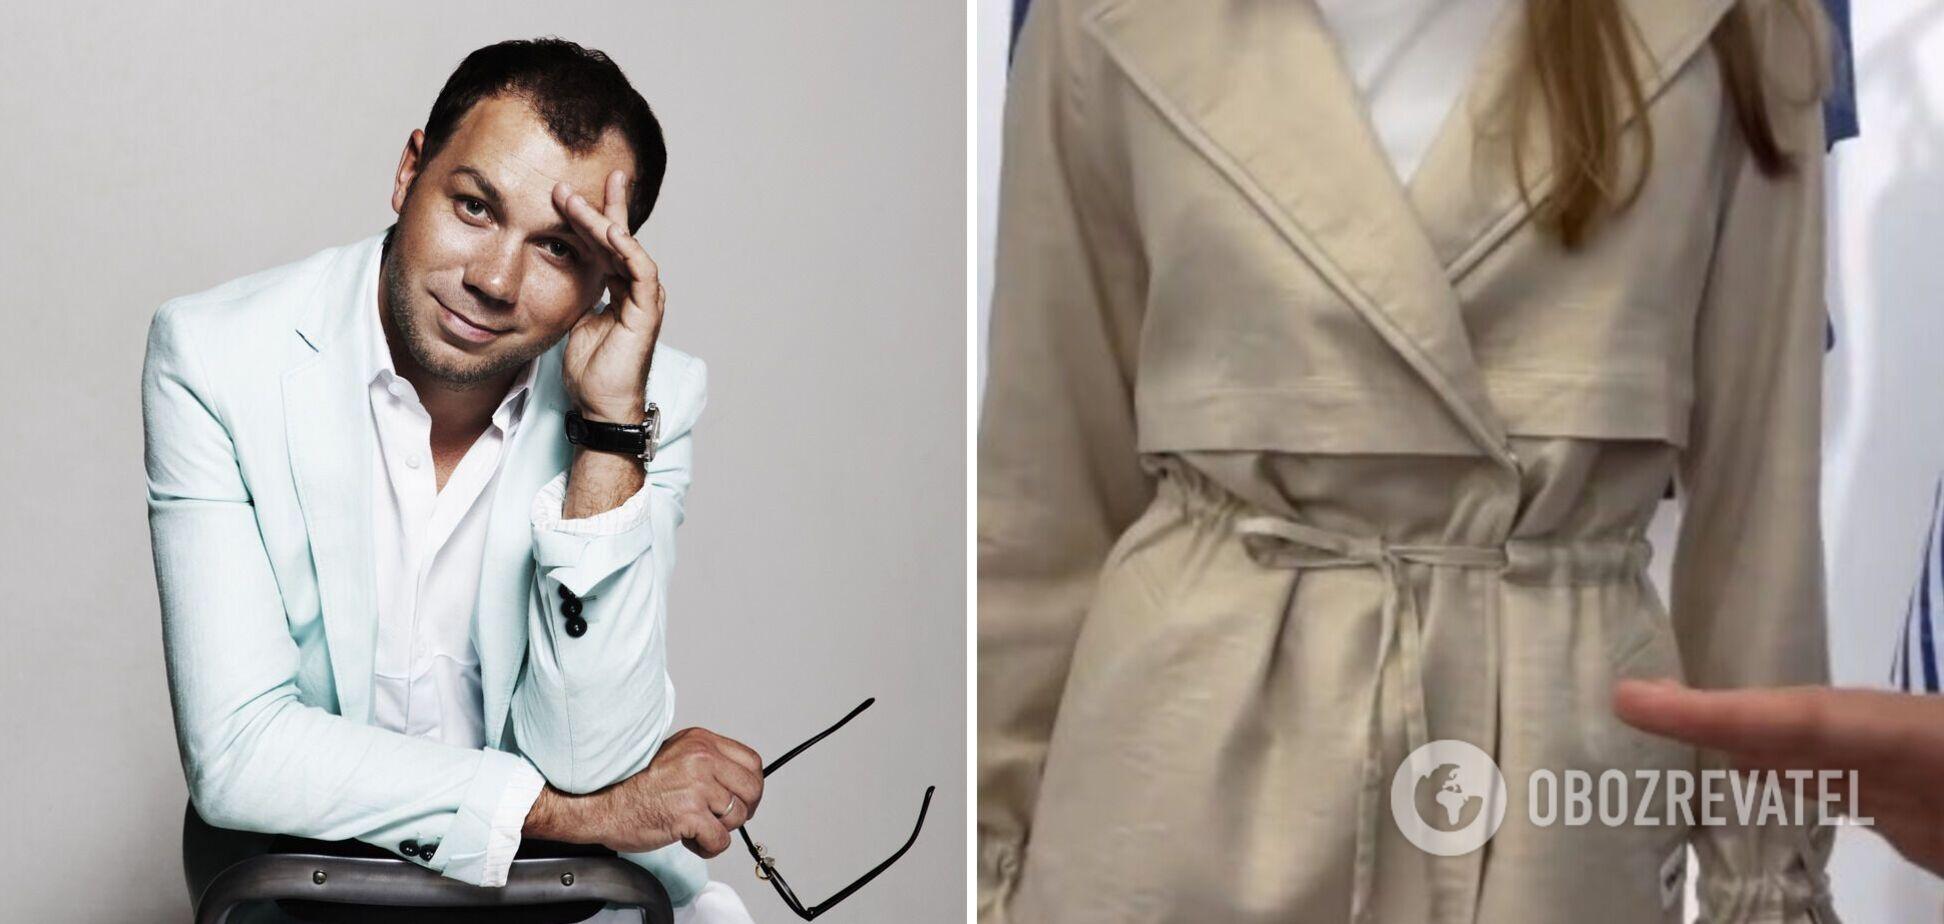 Андре Тан показав найстильніший костюм з тренчем у 2021-му. Фото і відео